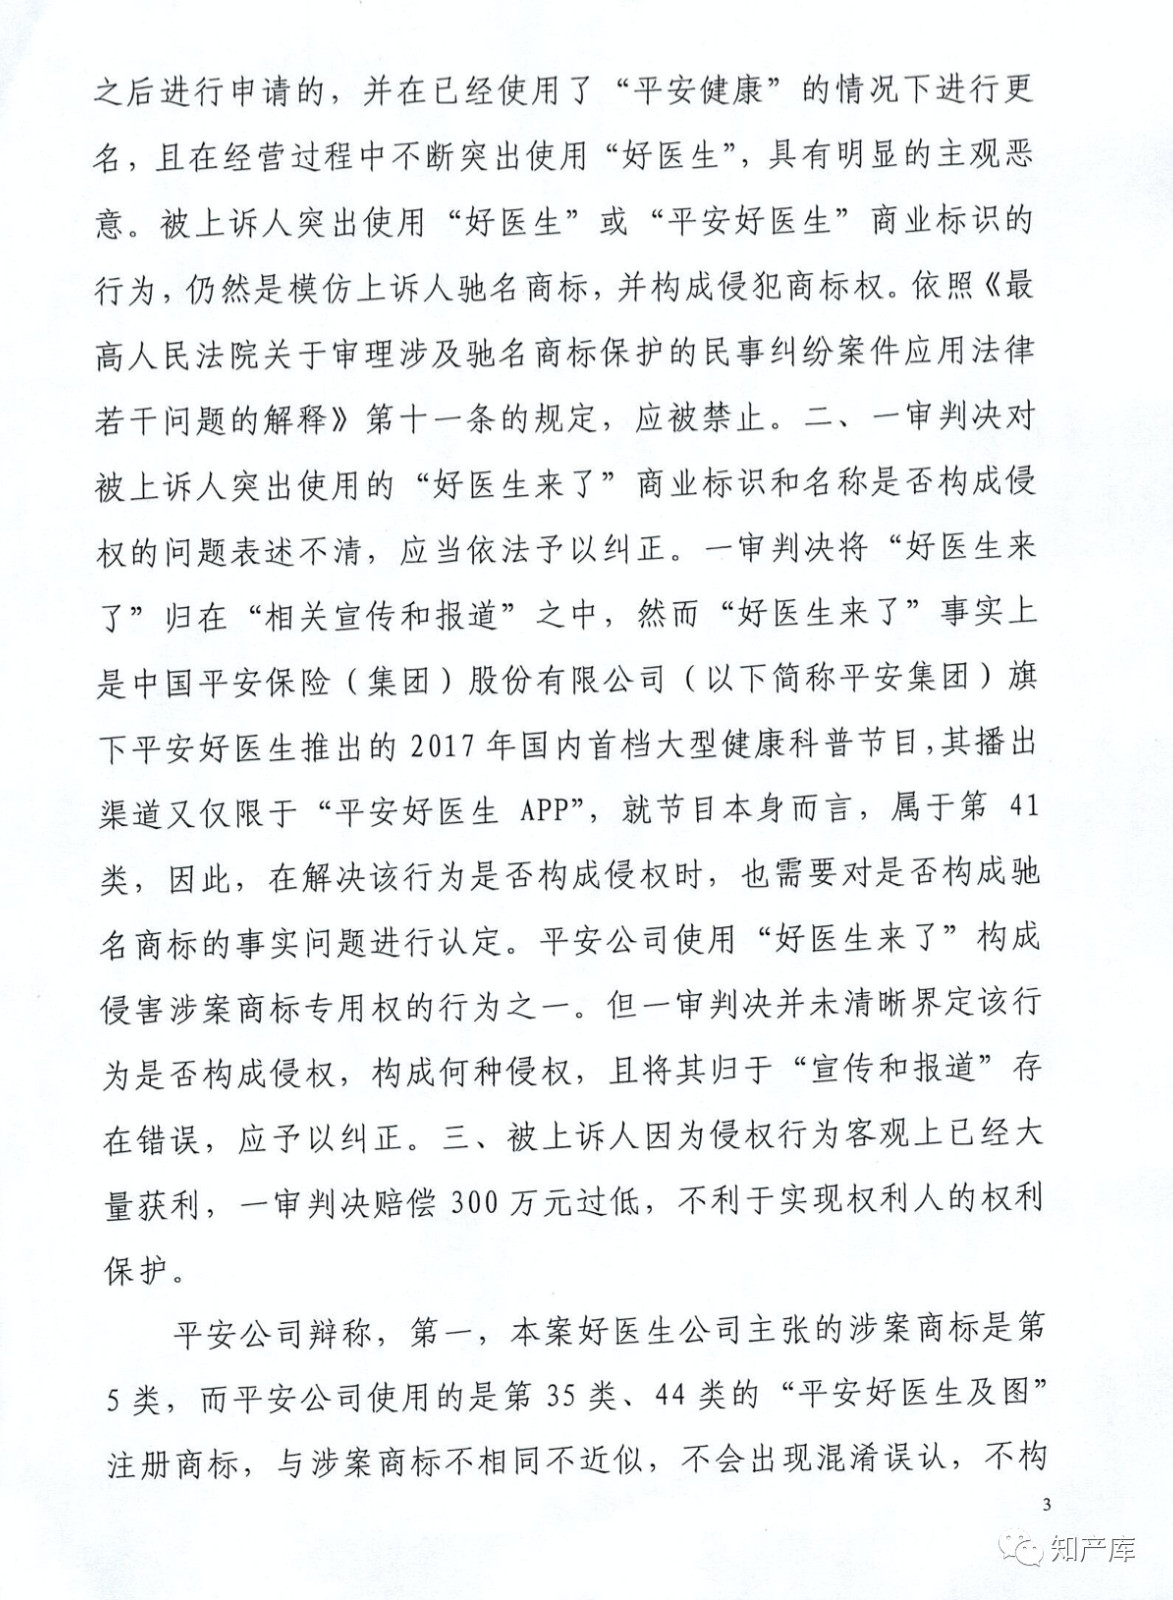 """""""平安好医生""""涉商标侵权被诉9000万案二审判决书(全文)"""